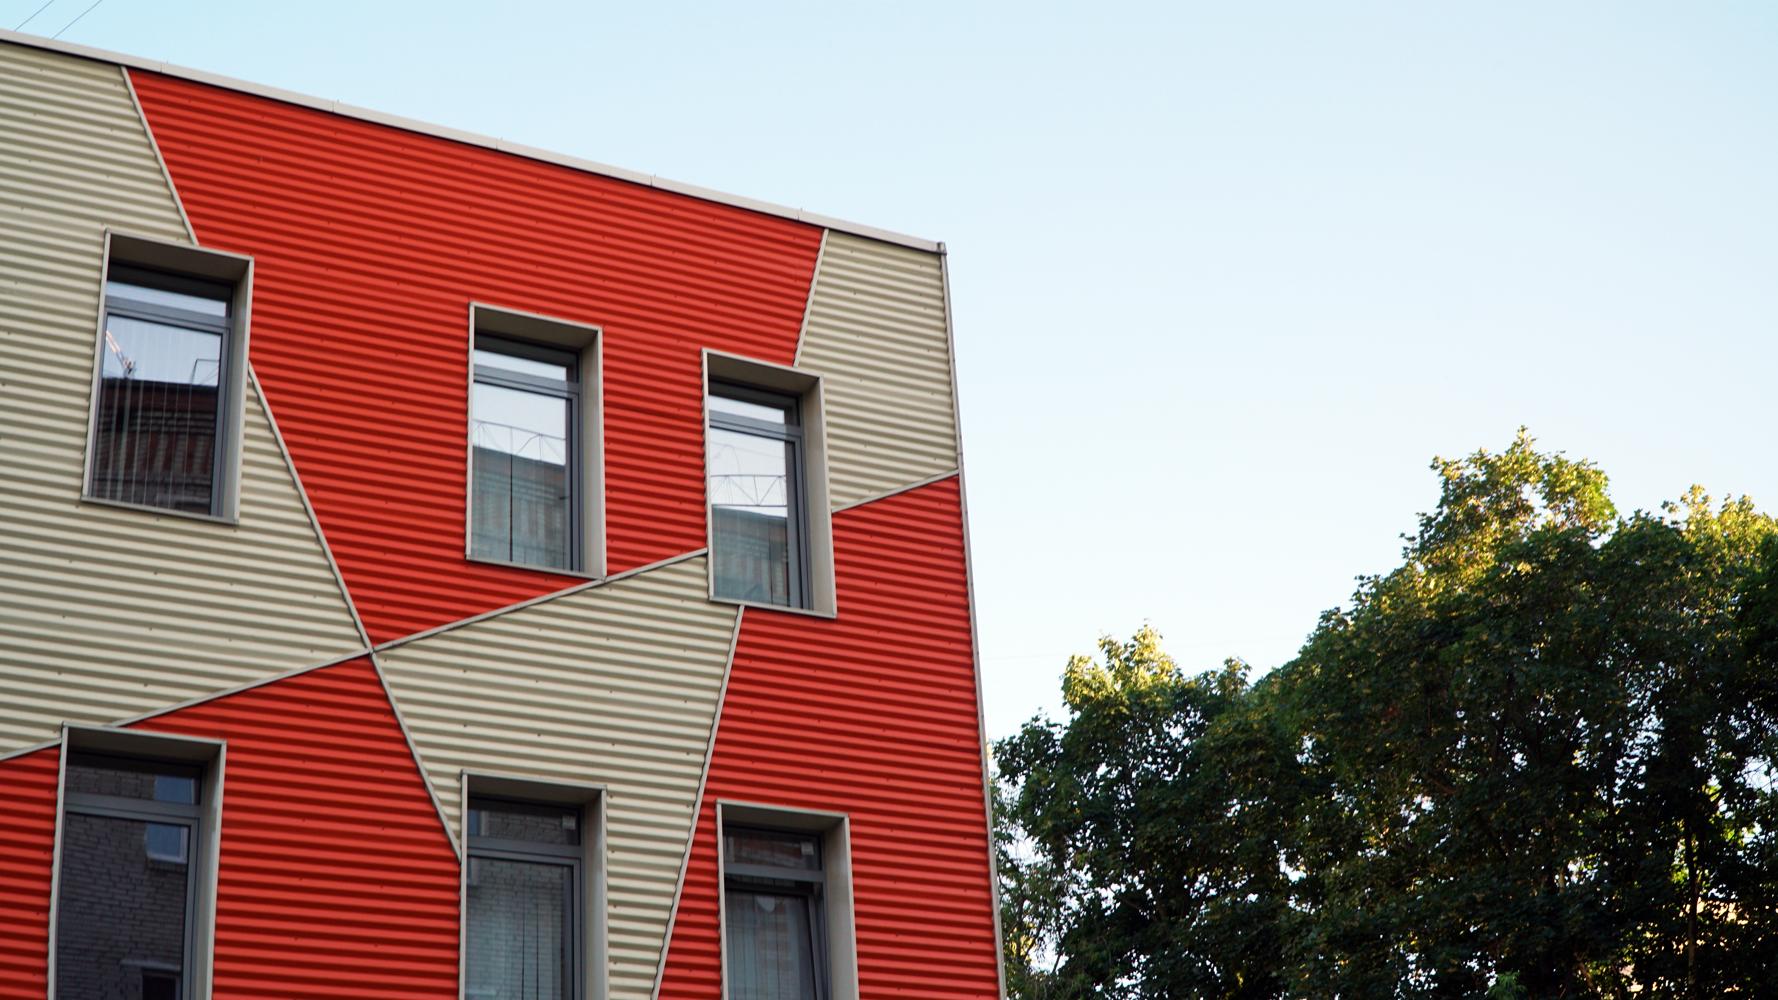 профнастил для фасада фото домов кроше это